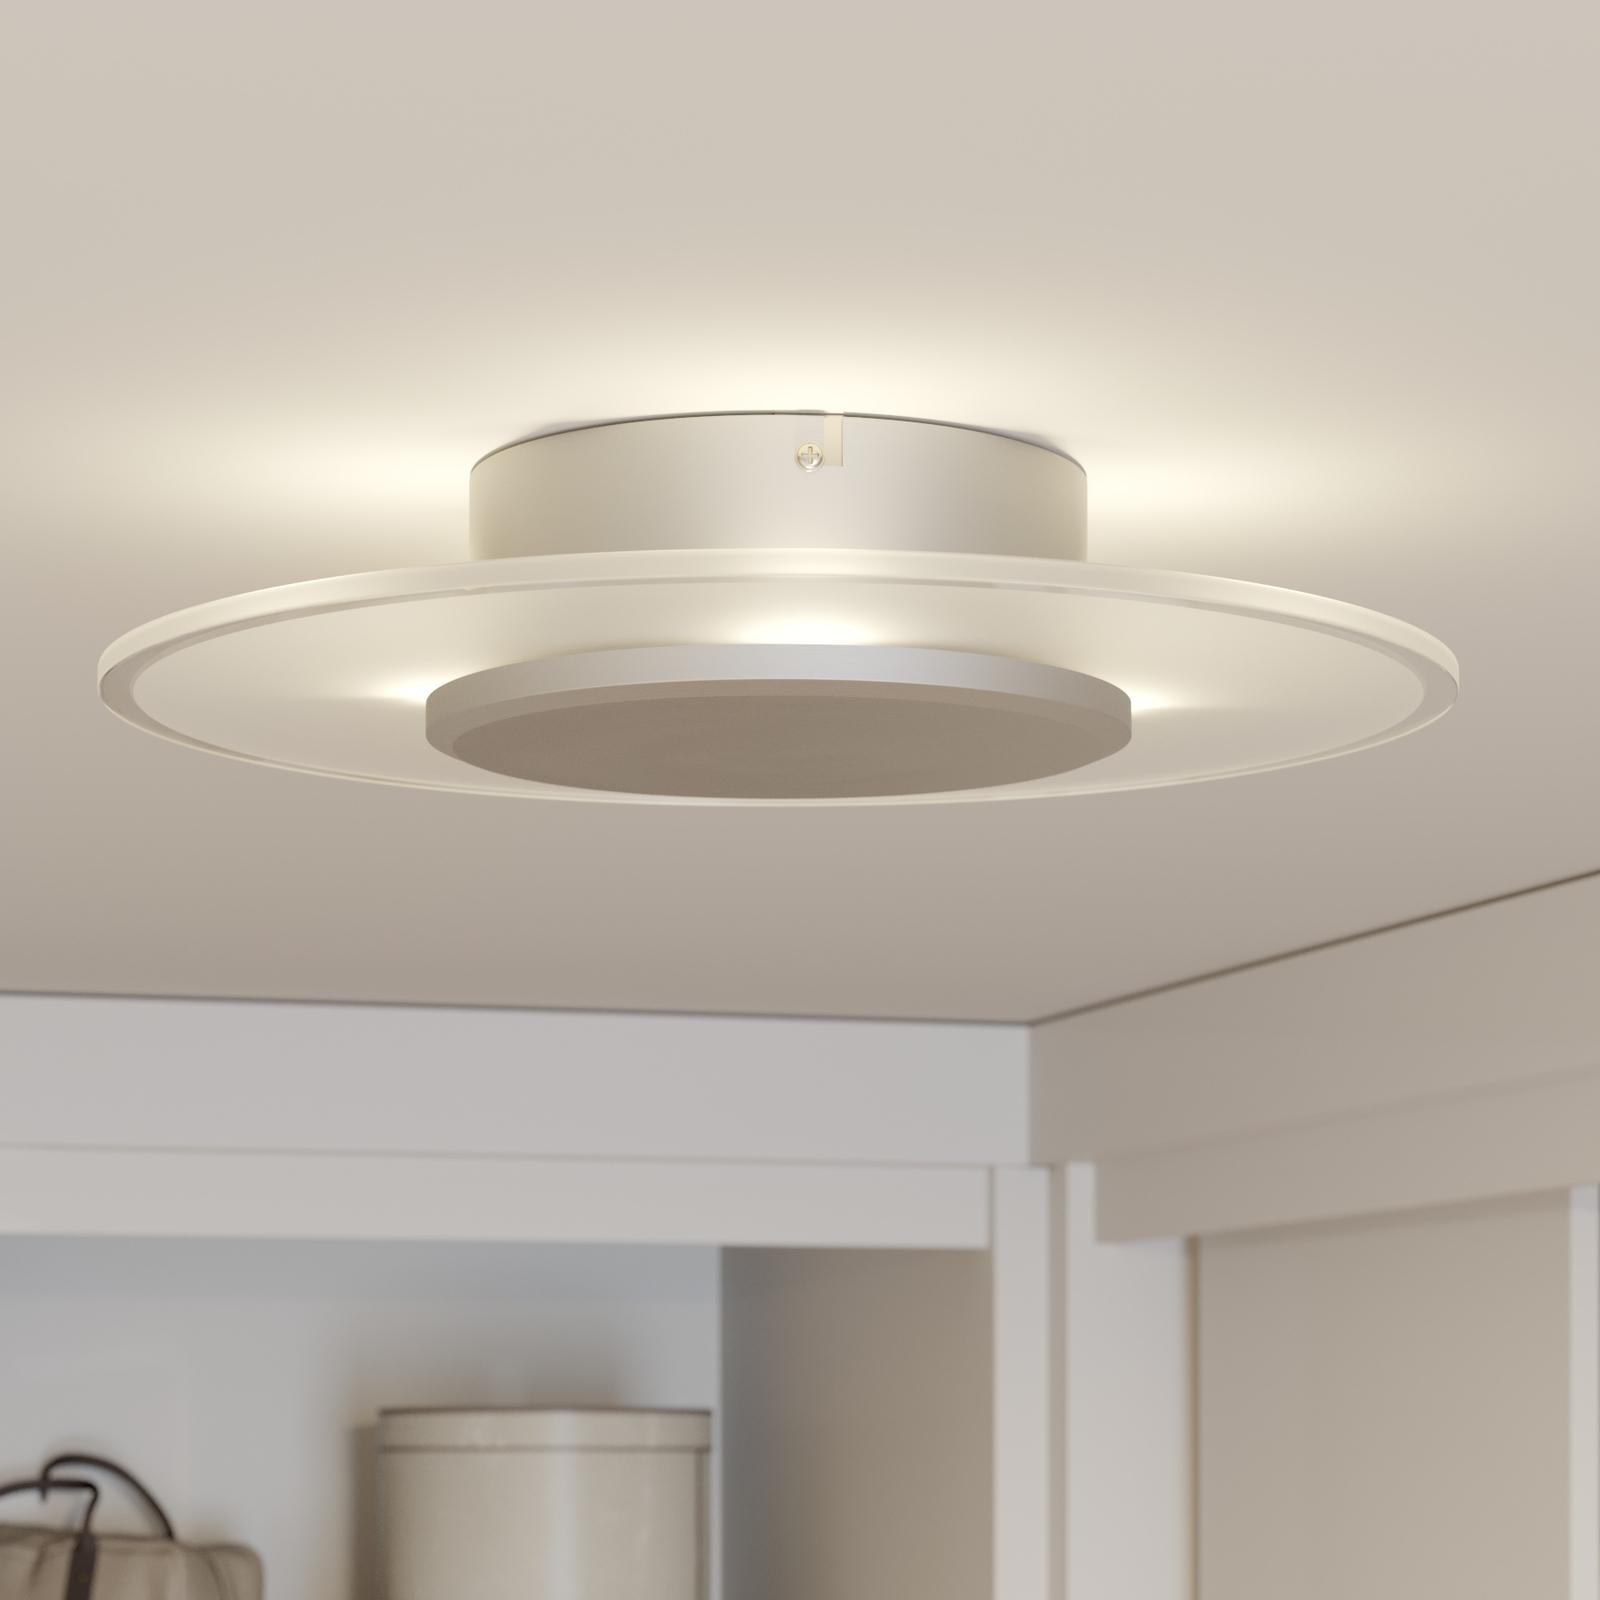 Formvollendete LED-Deckenleuchte Dora, dimmbar